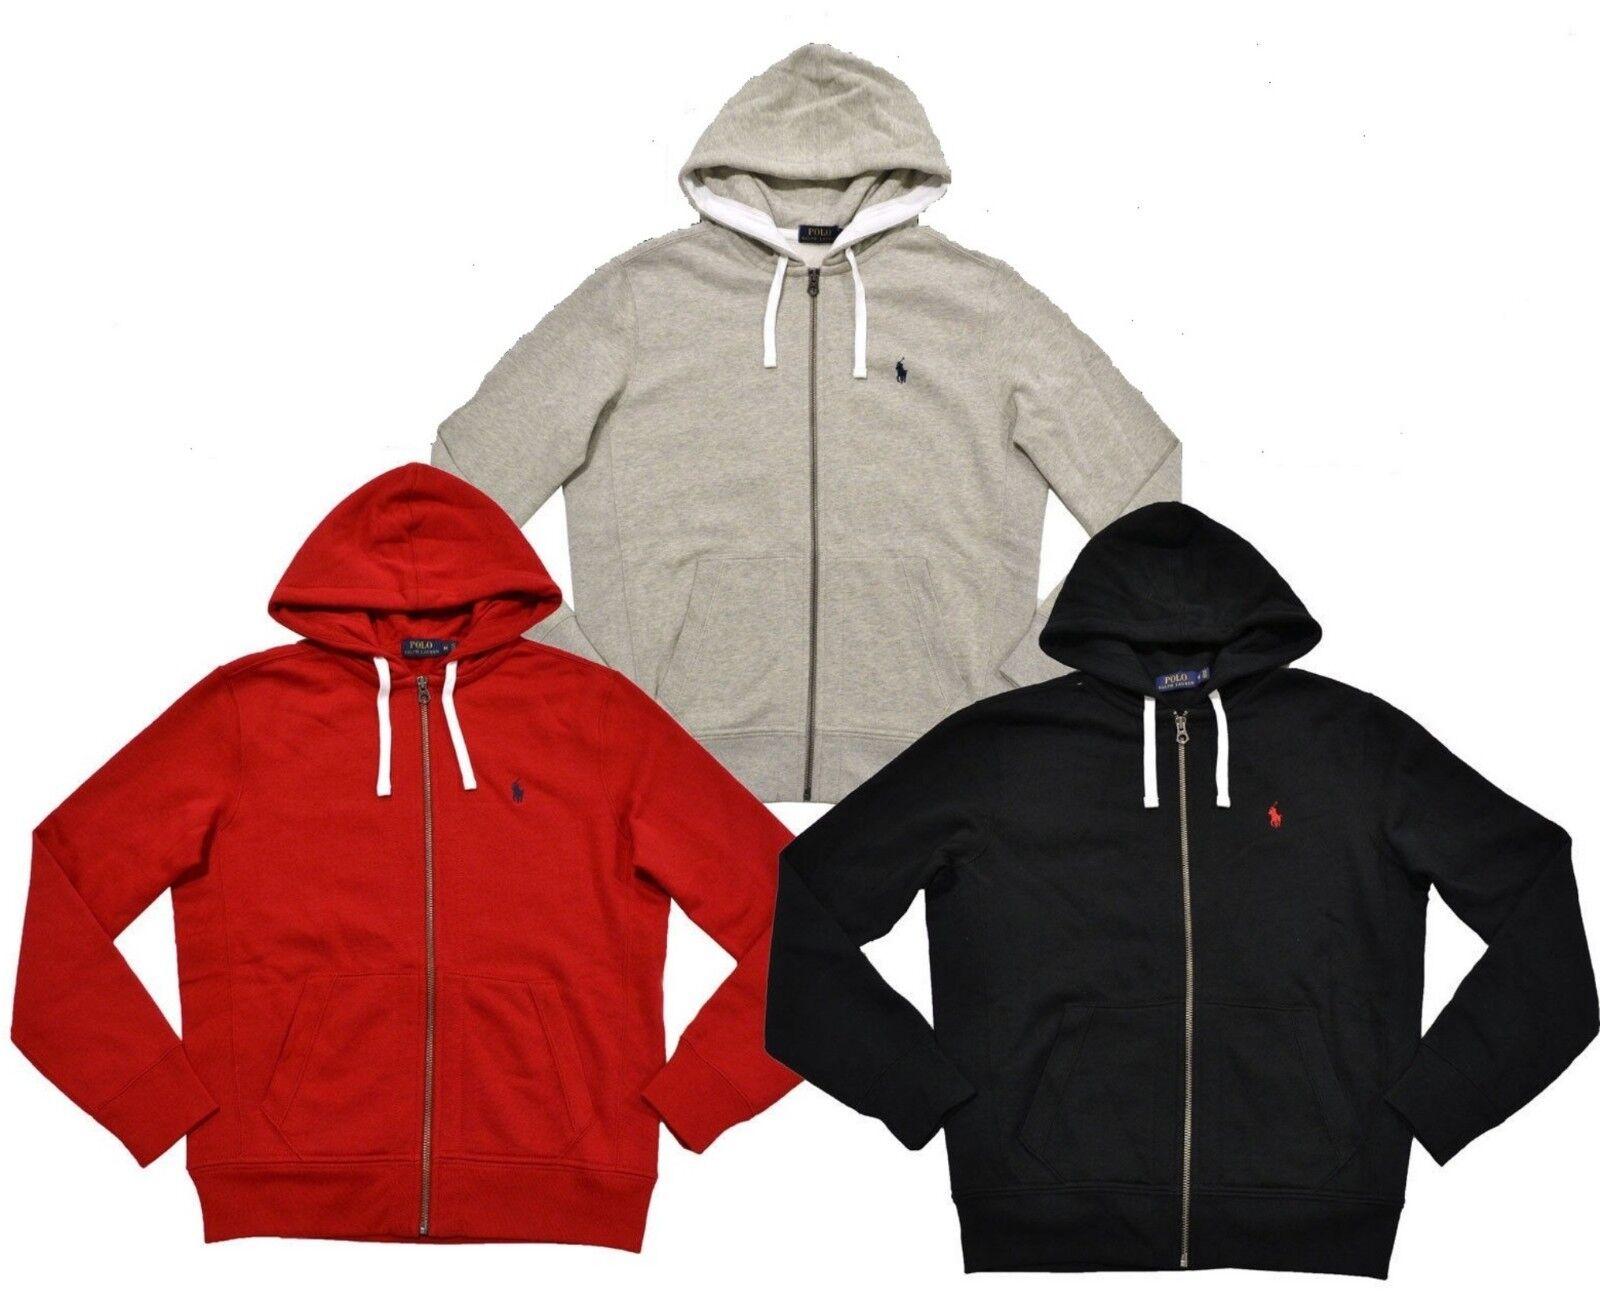 8fbbf91123c22d ... canada ralph lauren herren hoodie jacke sweatjacke sweatshirt  kapuzenpullover s m l xl 2d087 349a0